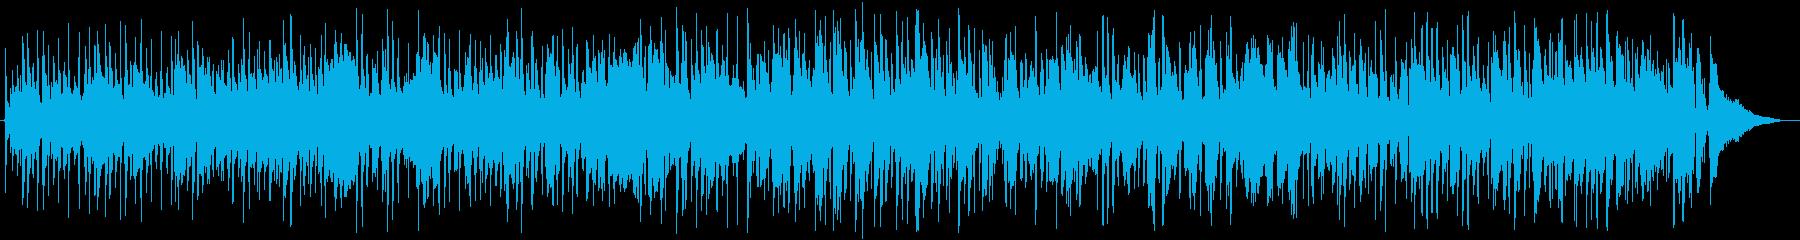 アコギ/ヴァイオリンのジプシージャズの再生済みの波形